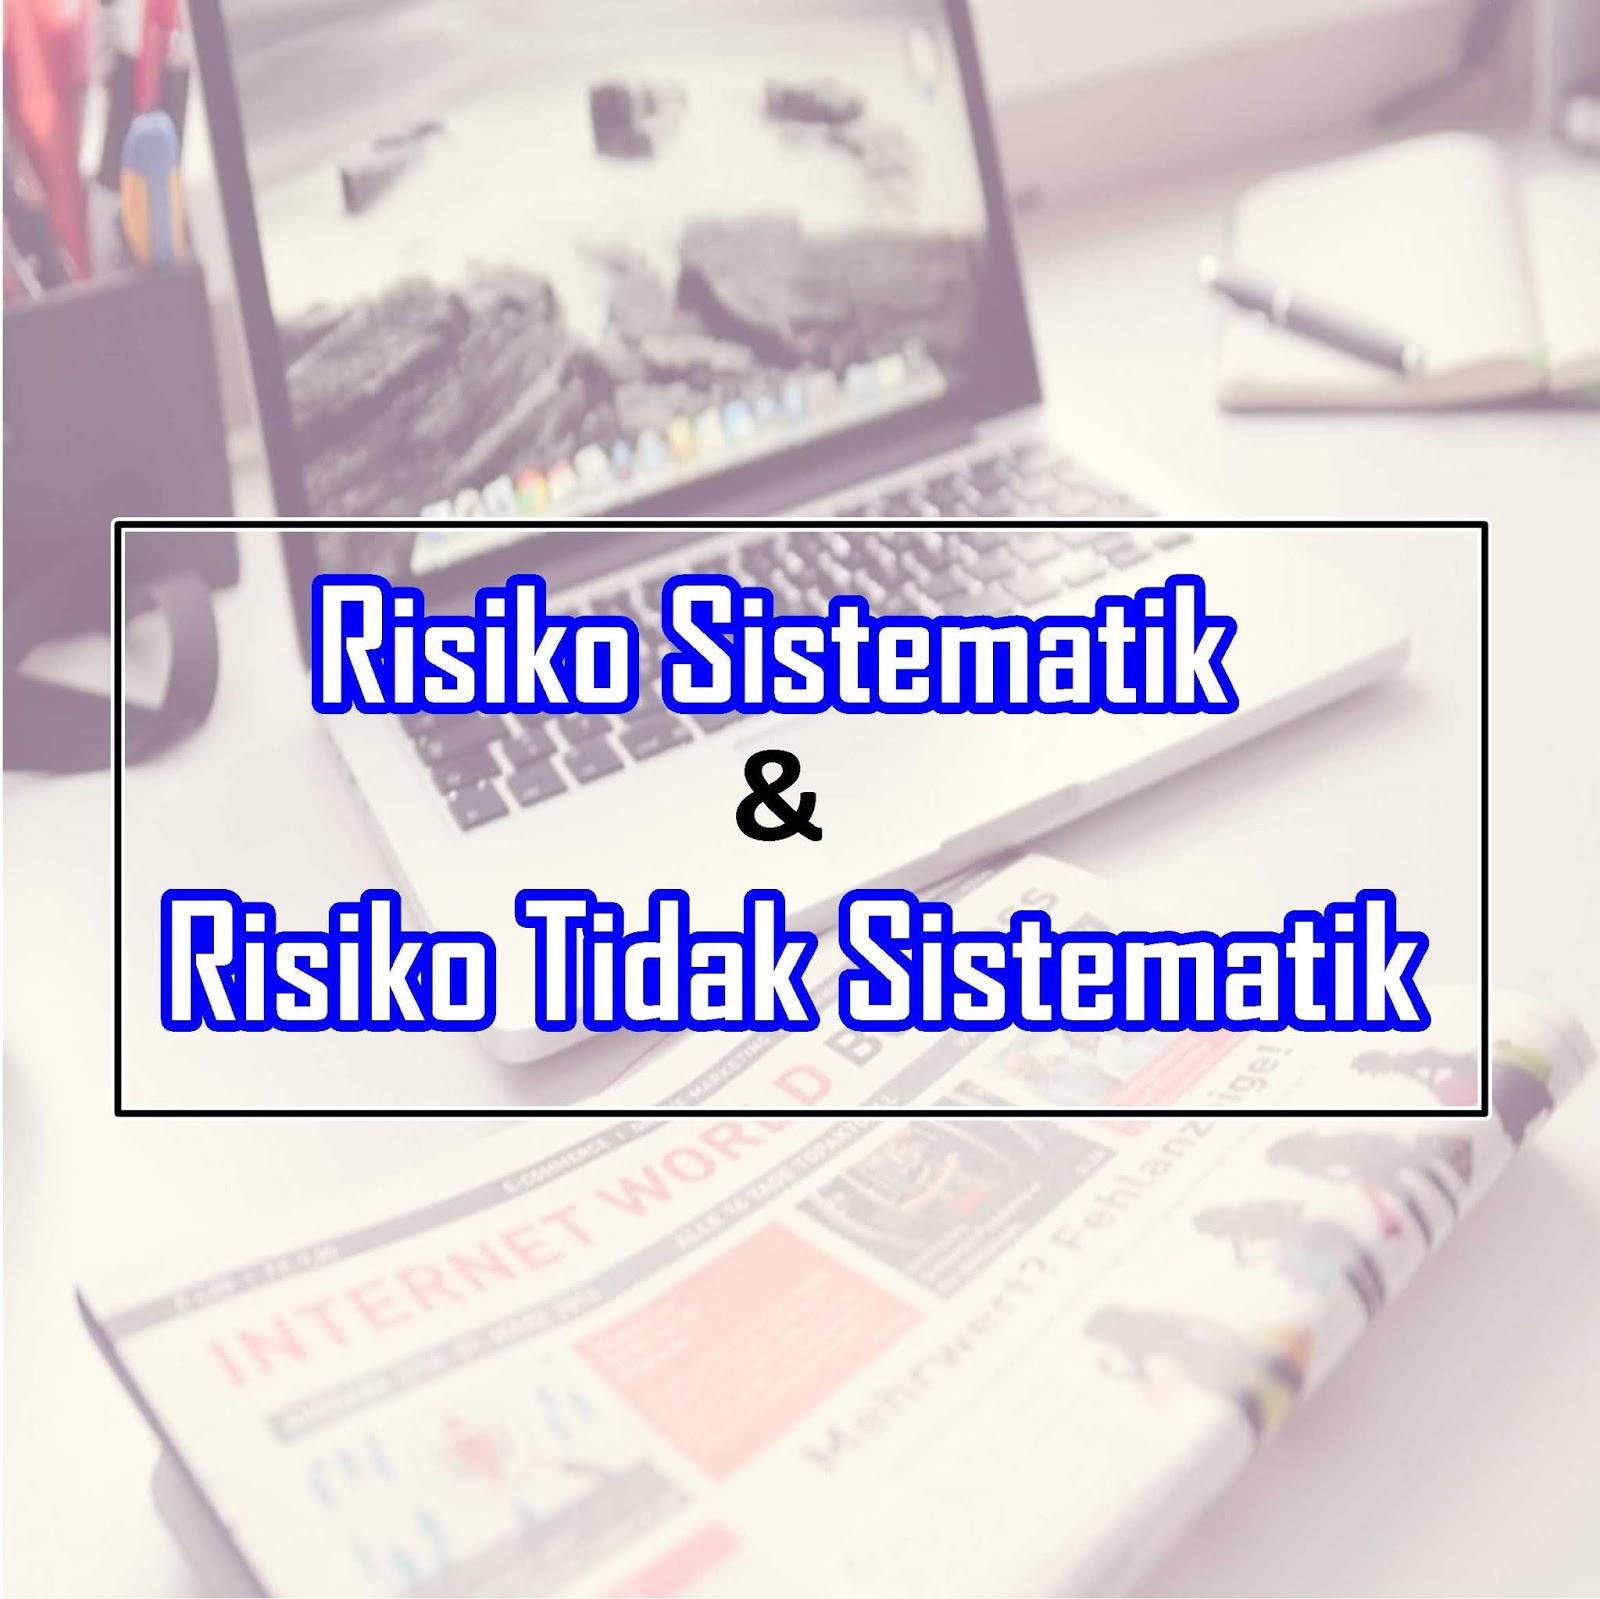 Rischio specifico e rischio sistematico - giuseppeverdimaddaloni.it - giuseppeverdimaddaloni.it